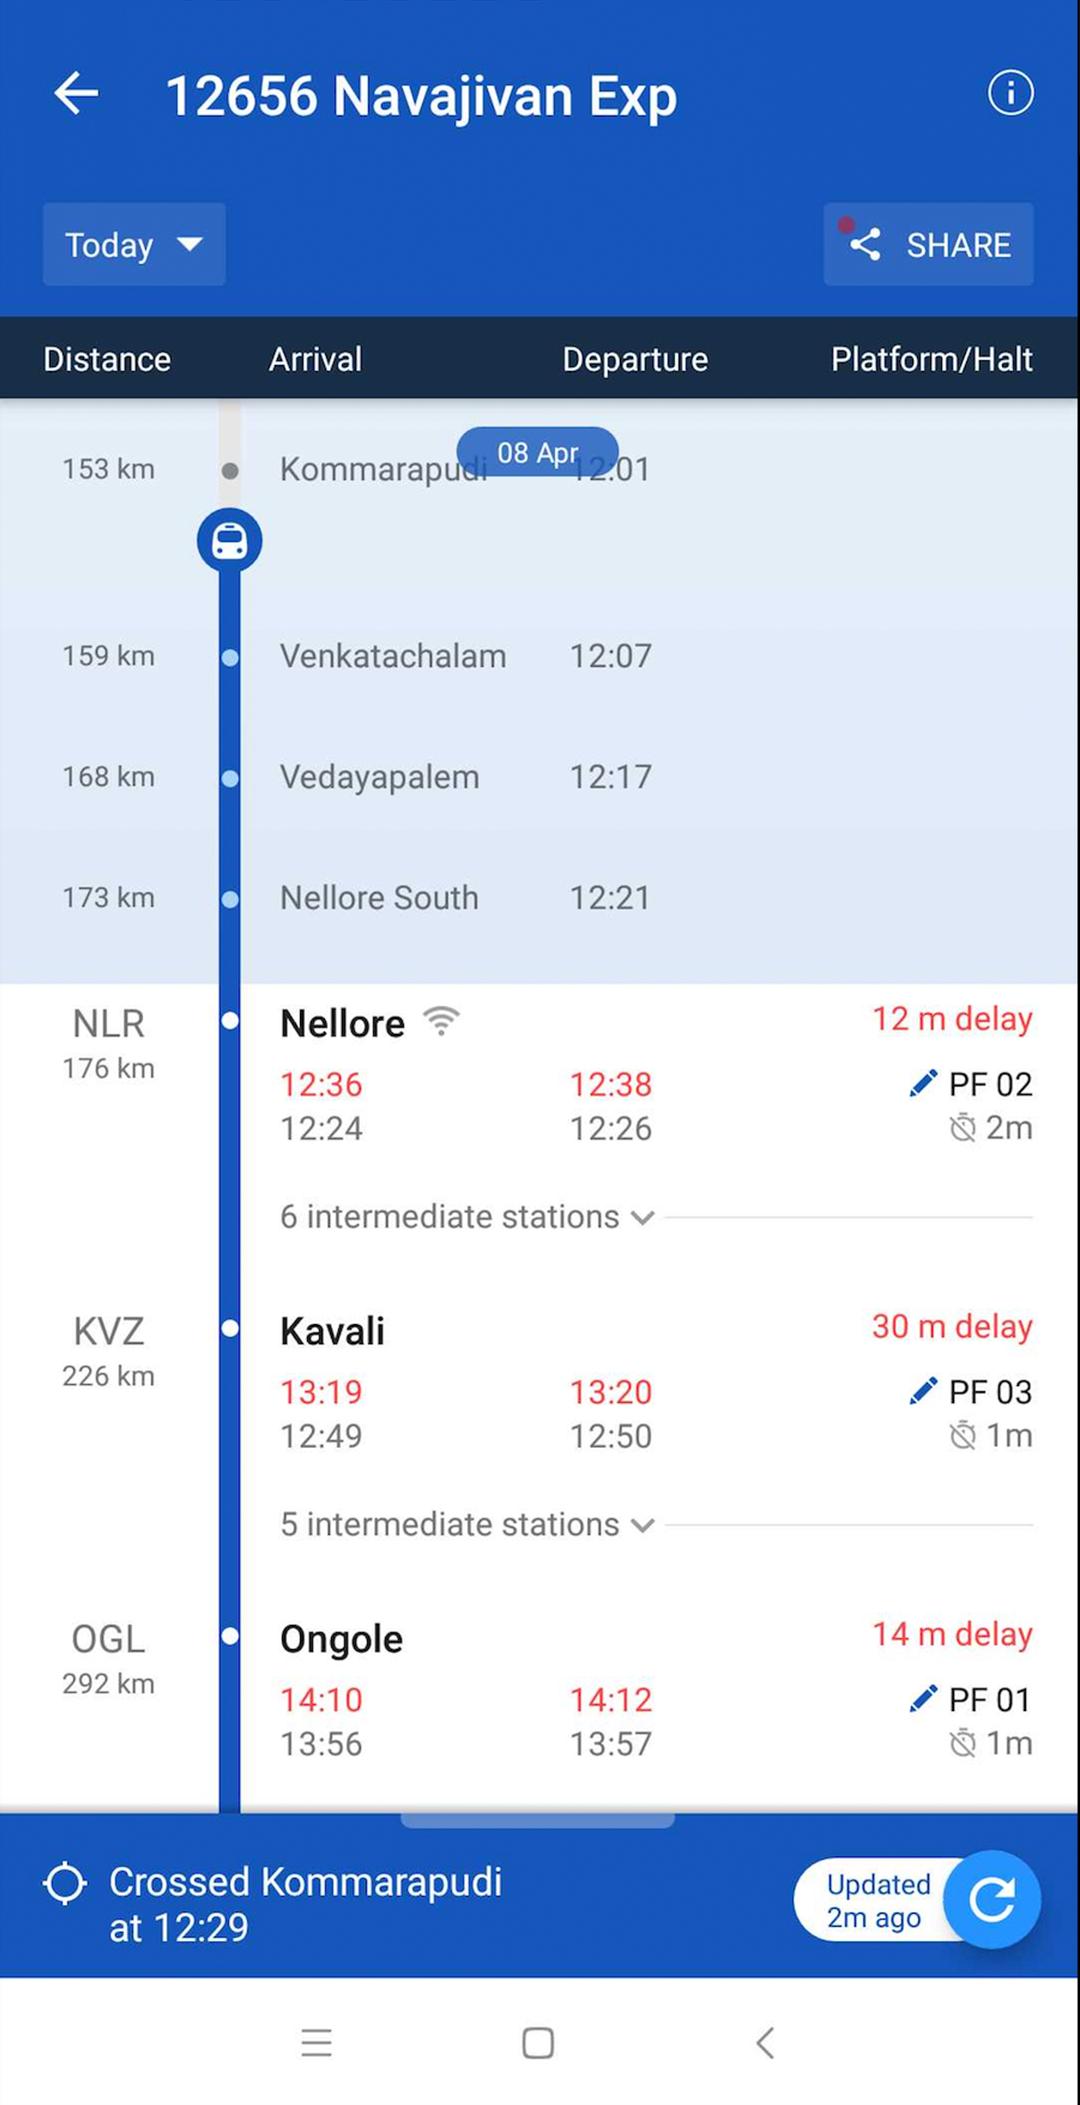 9 Reasons to Book Train Tickets on ixigo Trains App | ixigo Travel